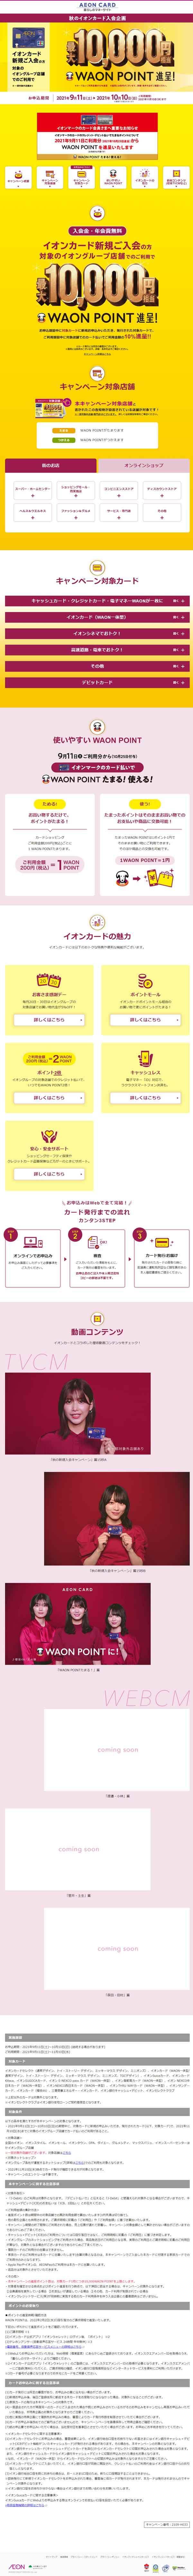 イオンカード、2021年9月11日(土)~10月10日(日) までの入会キャンペーンページのキャプチャー画像